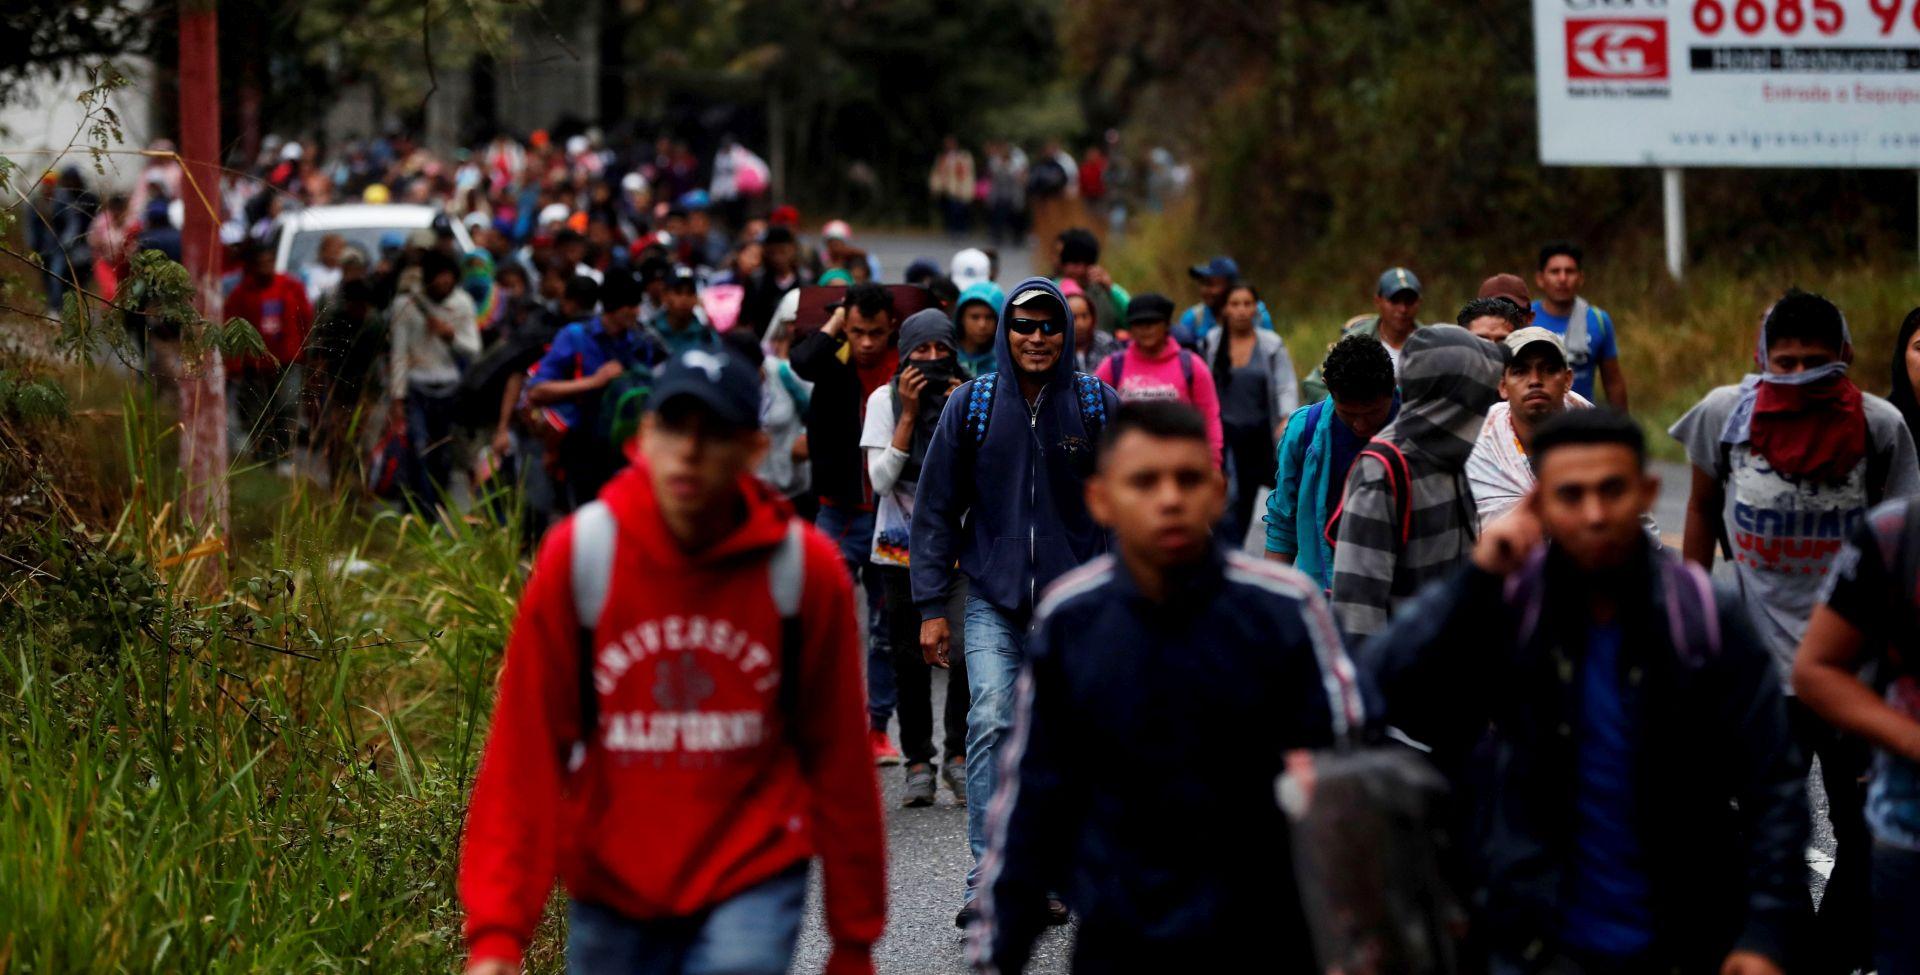 U svijetu je 26 milijuna izbjeglica i 71 miijun raseljenih